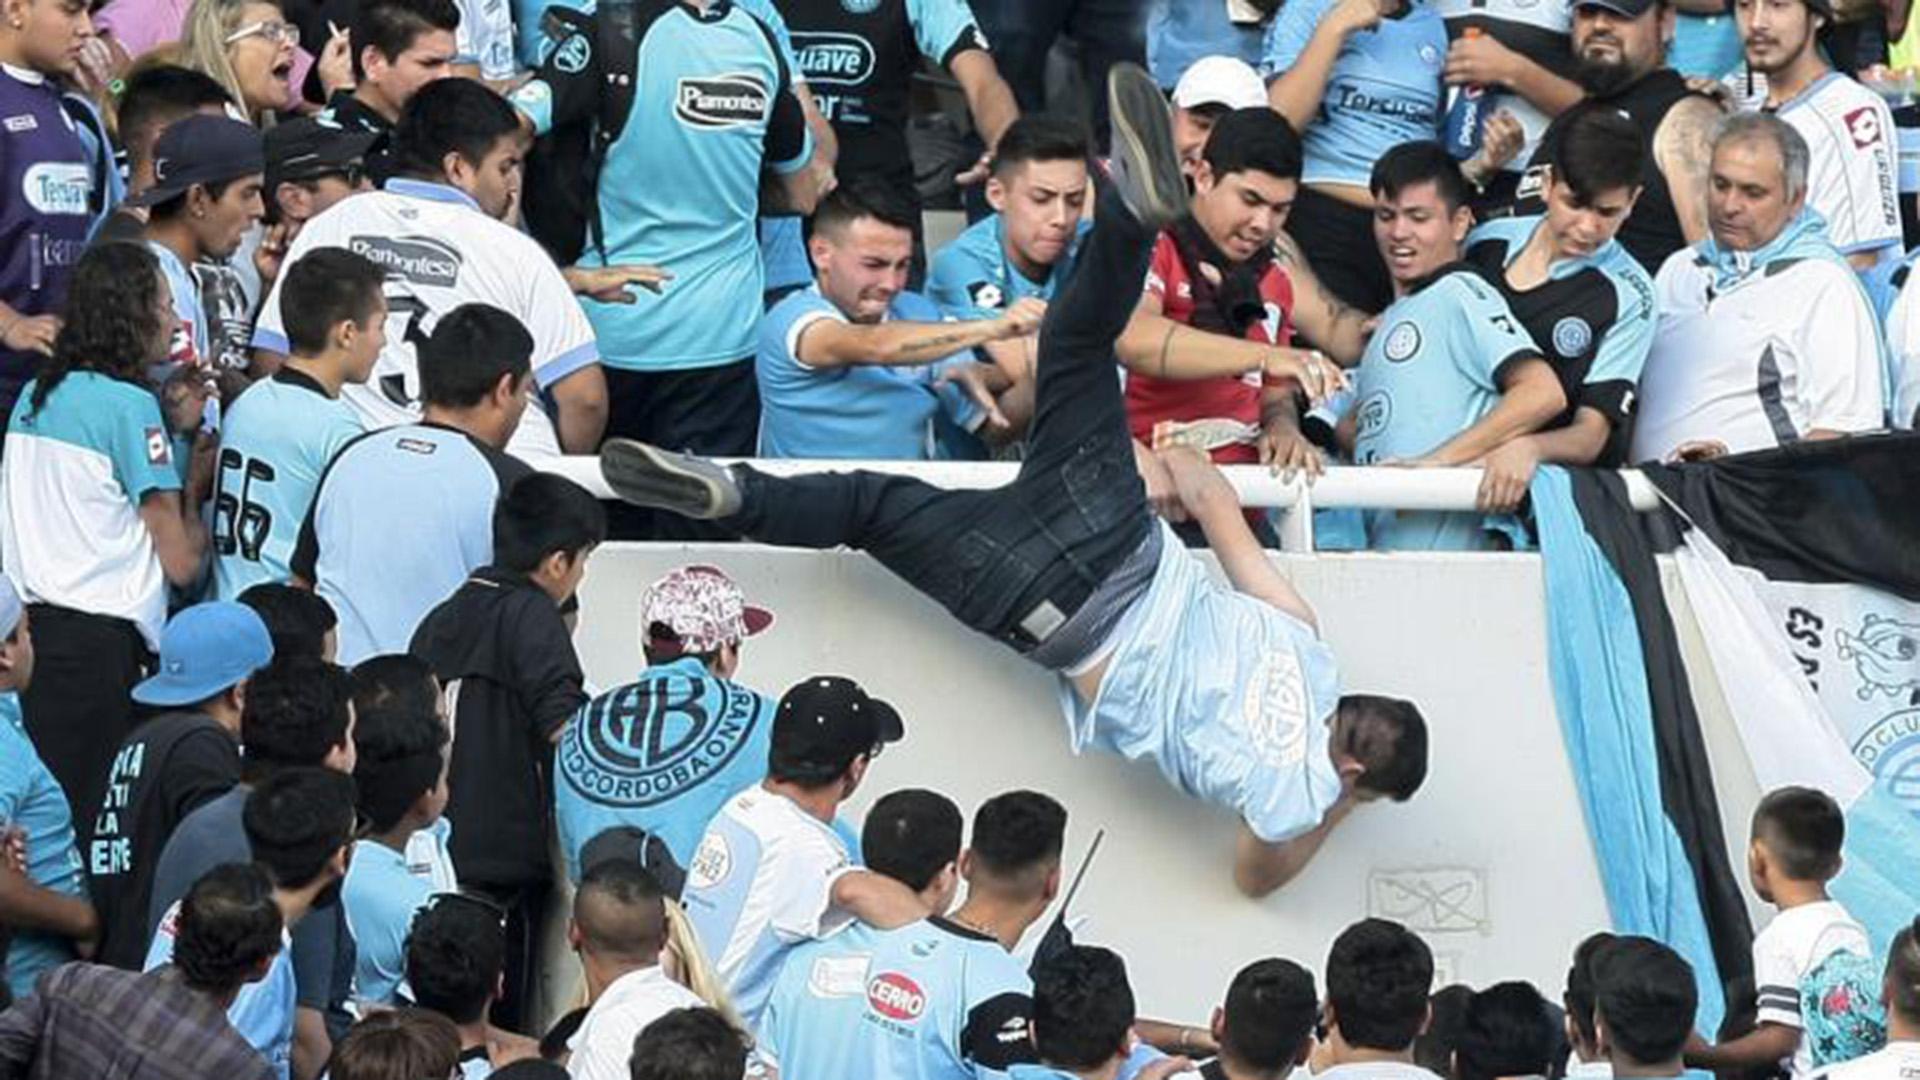 Balbo fue arrojado al vacío desde una de las tribunas del estadio Kempes